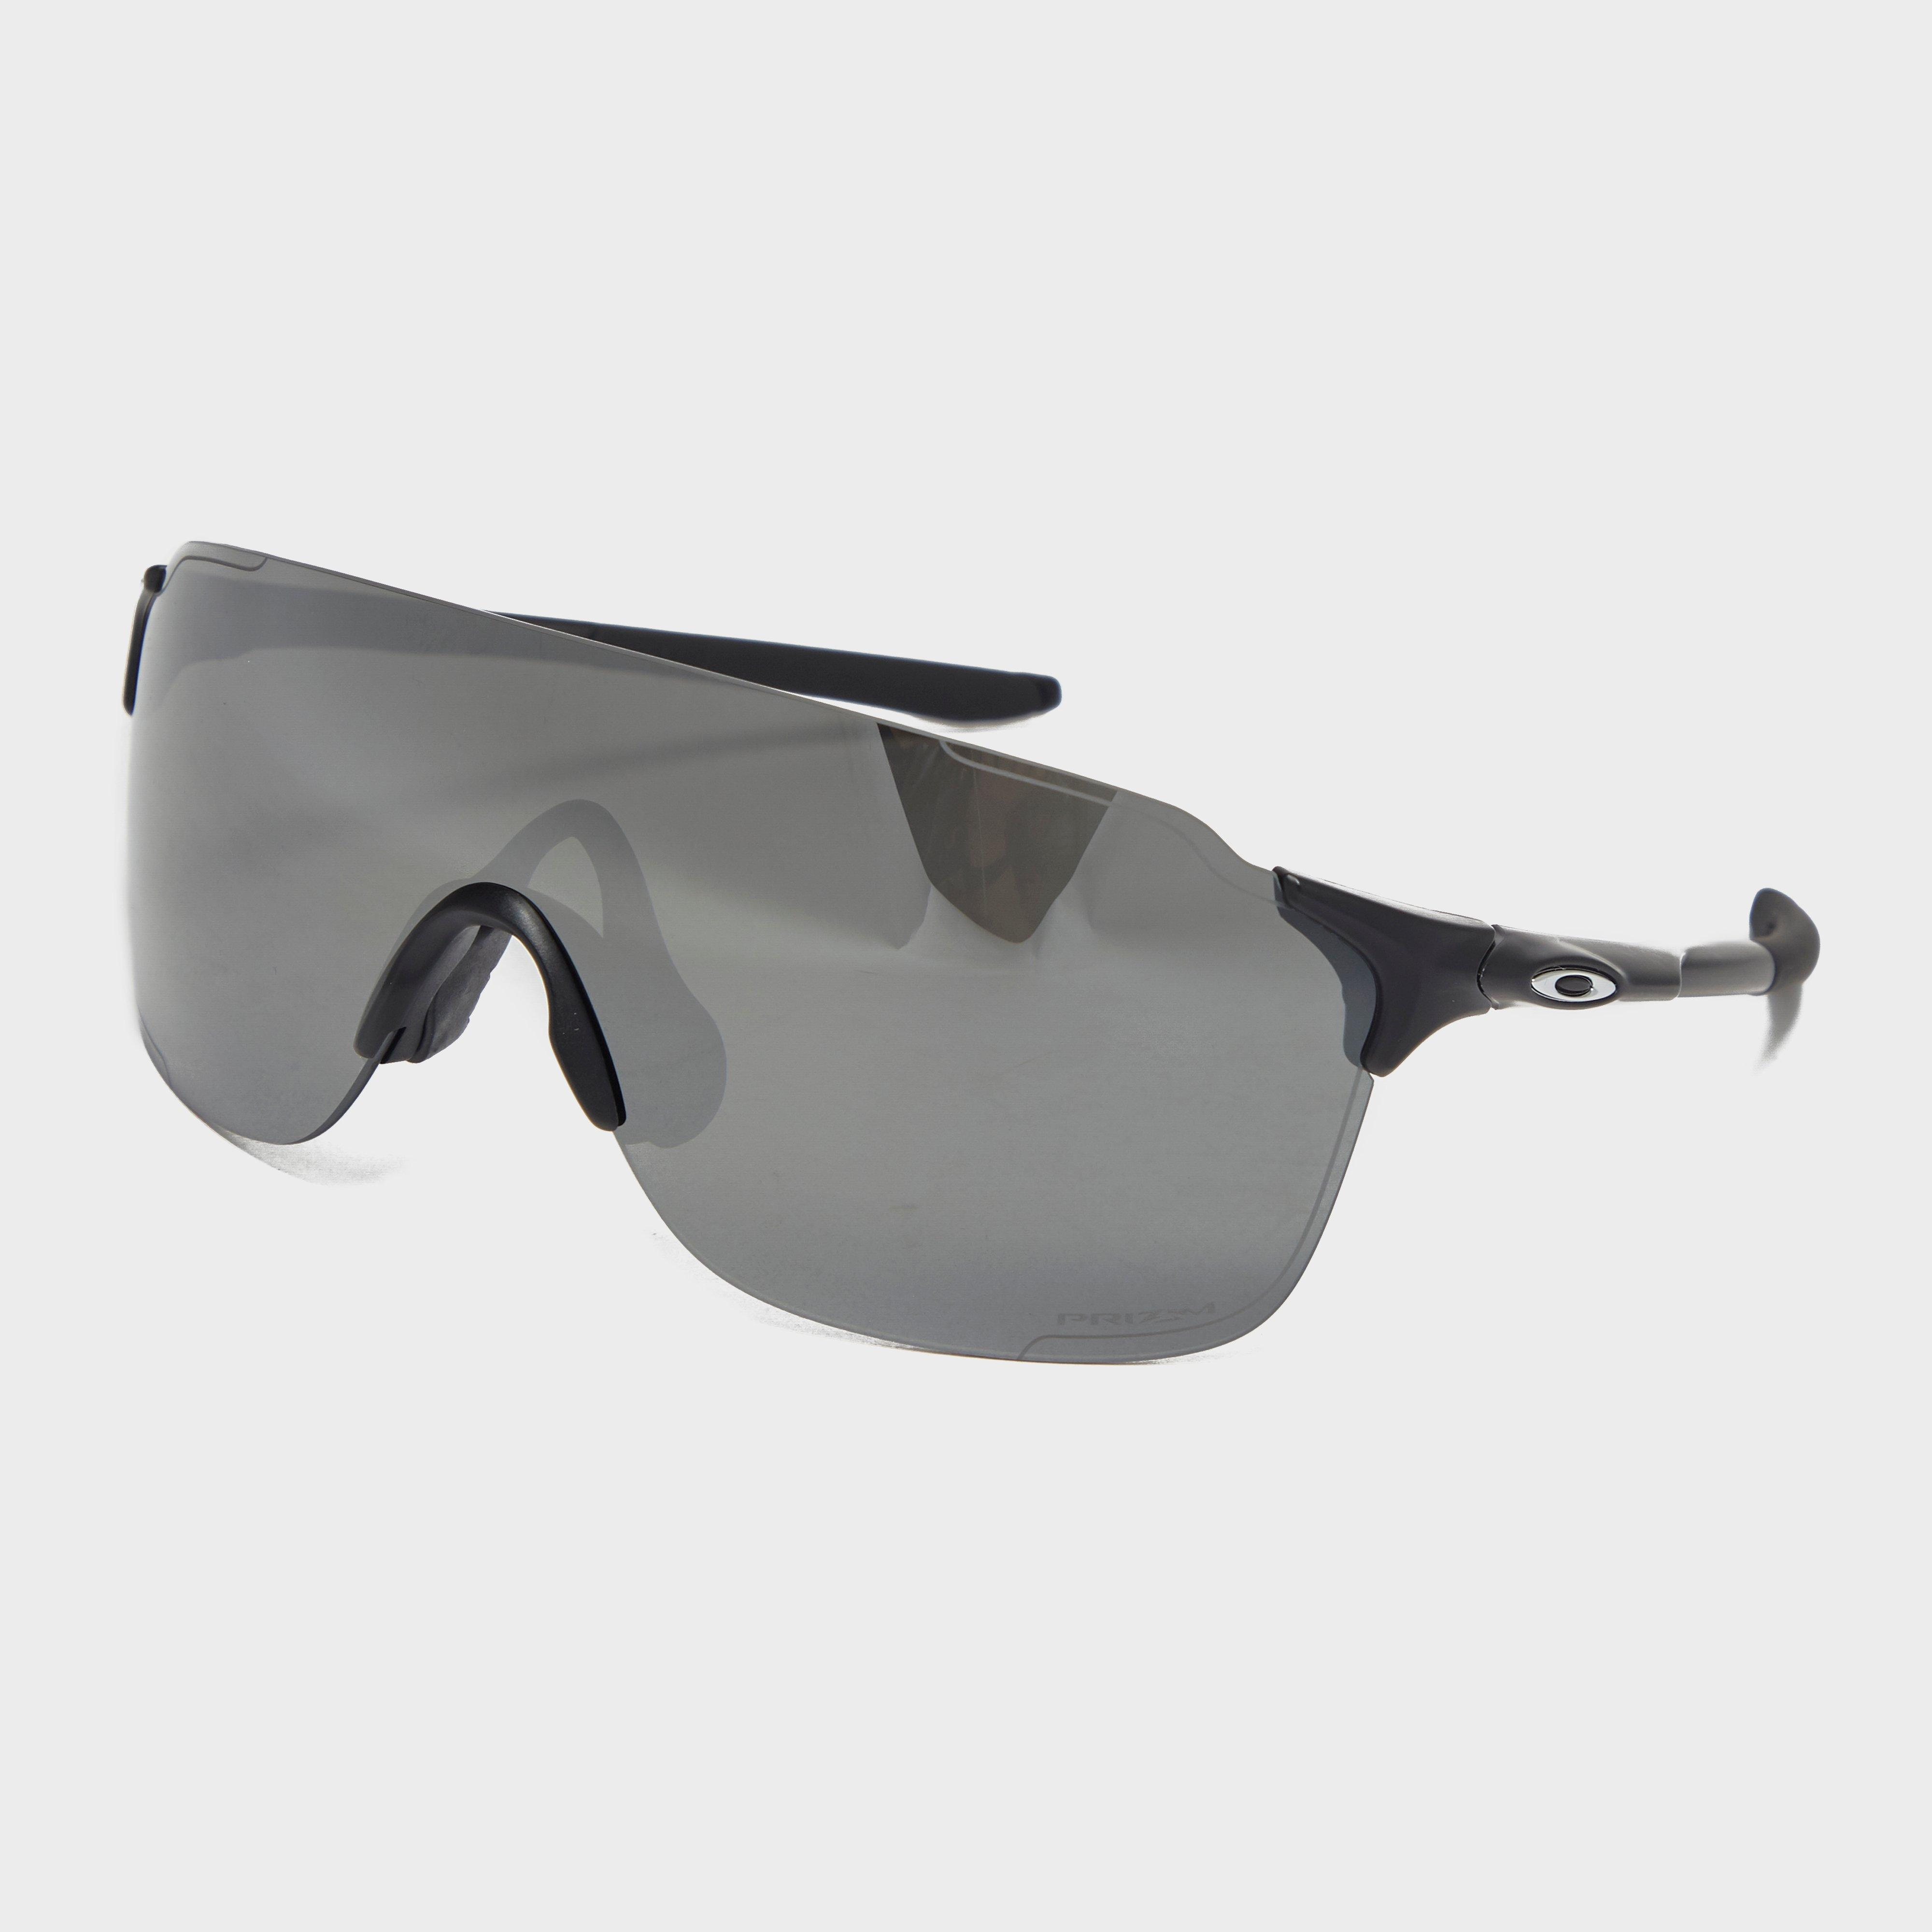 Oakley Oakley EVZero Blades Sunglasses - Multi, Multi